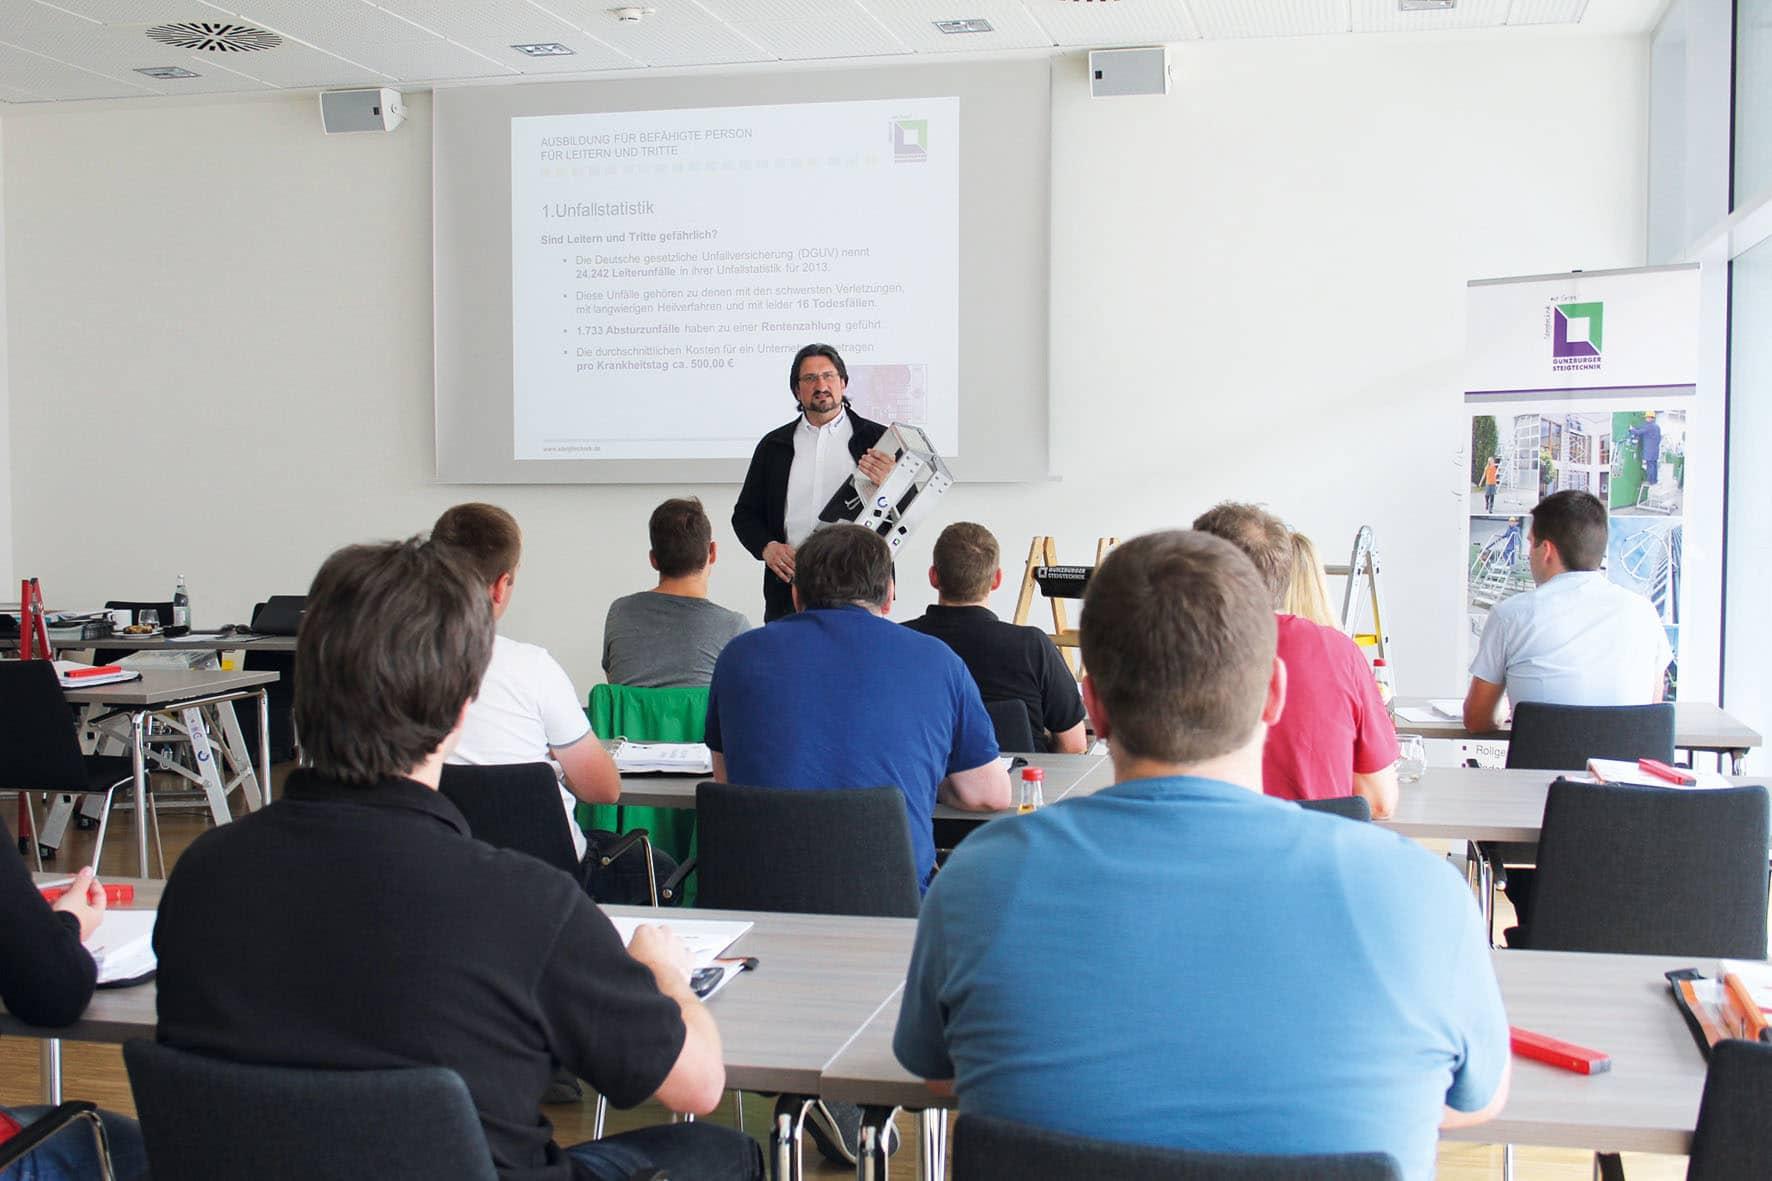 """Ab März wieder – """"Fit für Steigtechnik"""" Günzburger Steigtechnik bildet """"zur Prüfung befähigte Personen"""" aus"""